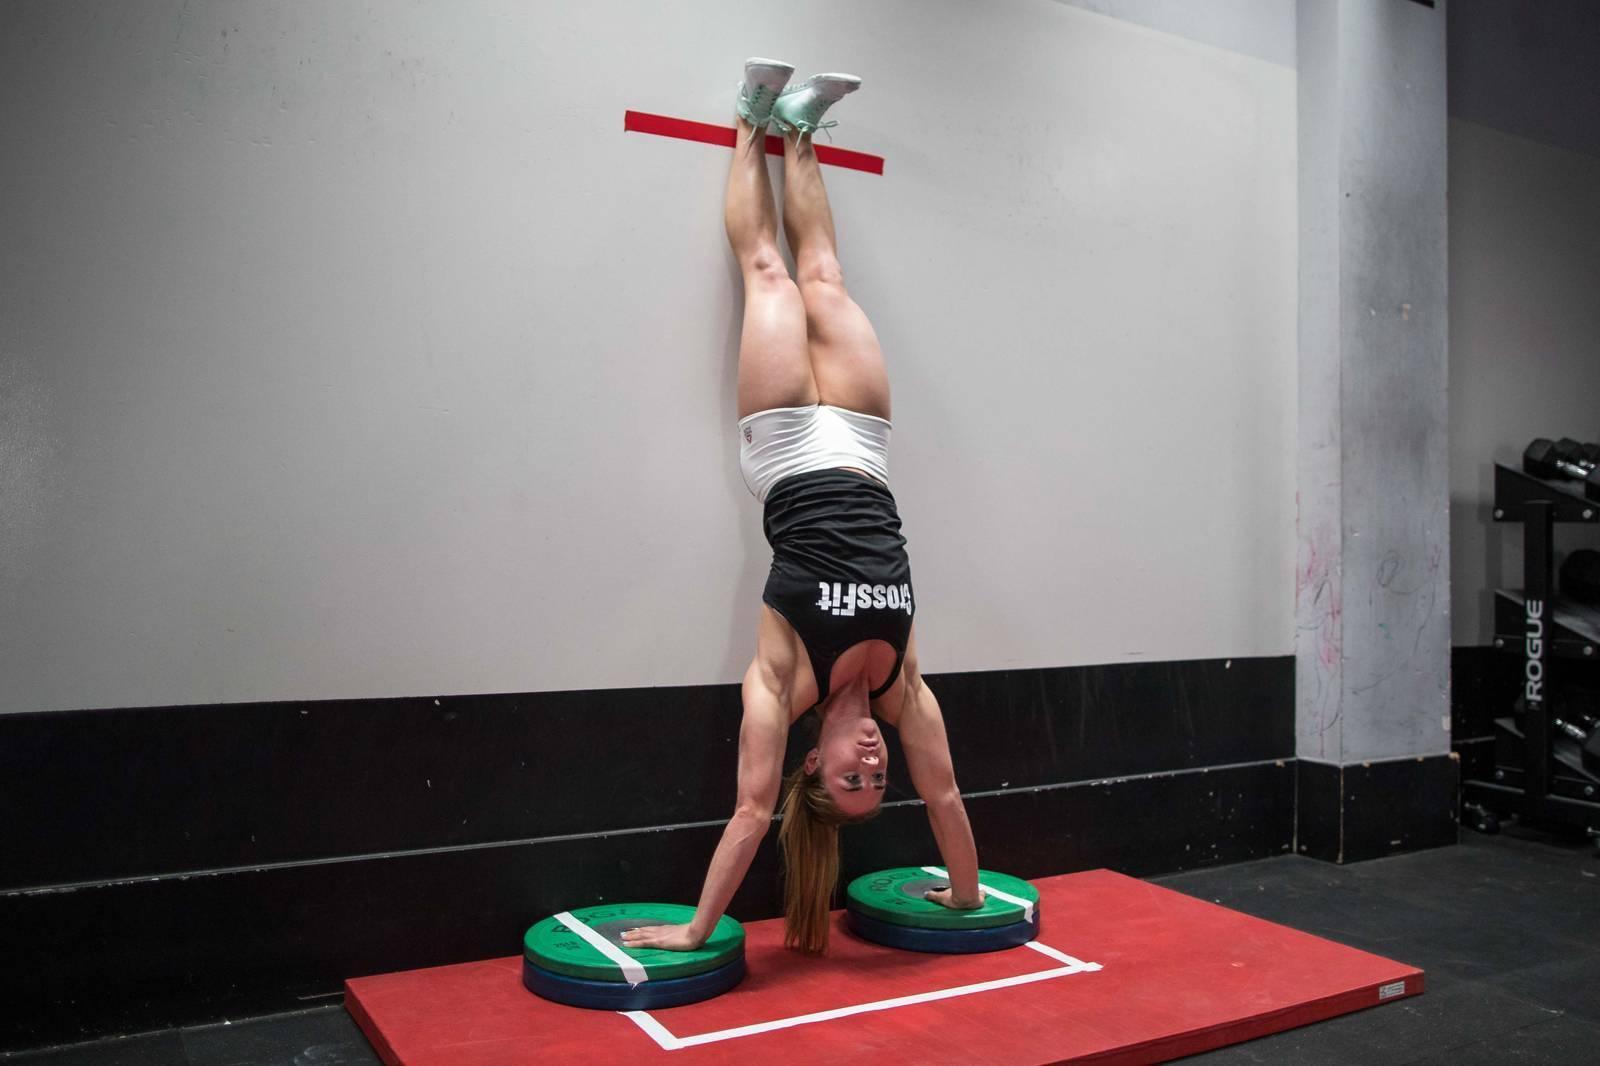 Отжимания от стены: особенности упражнения | rulebody.ru — правила тела